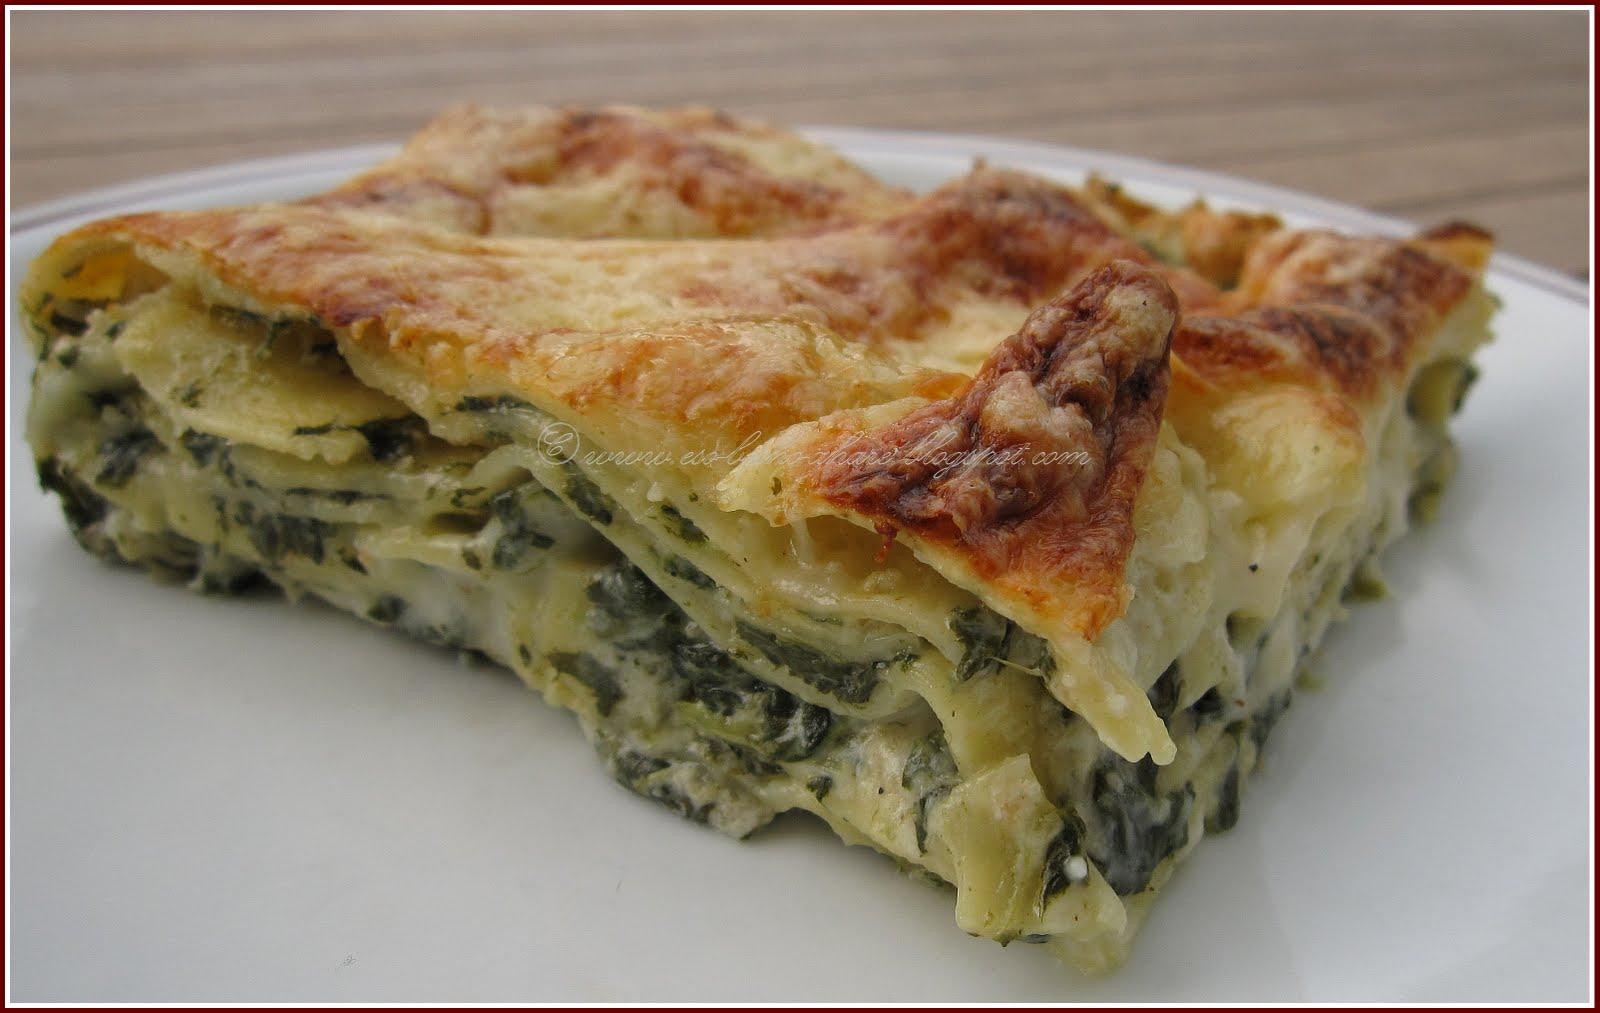 Taste Buds: Spinach lasagna